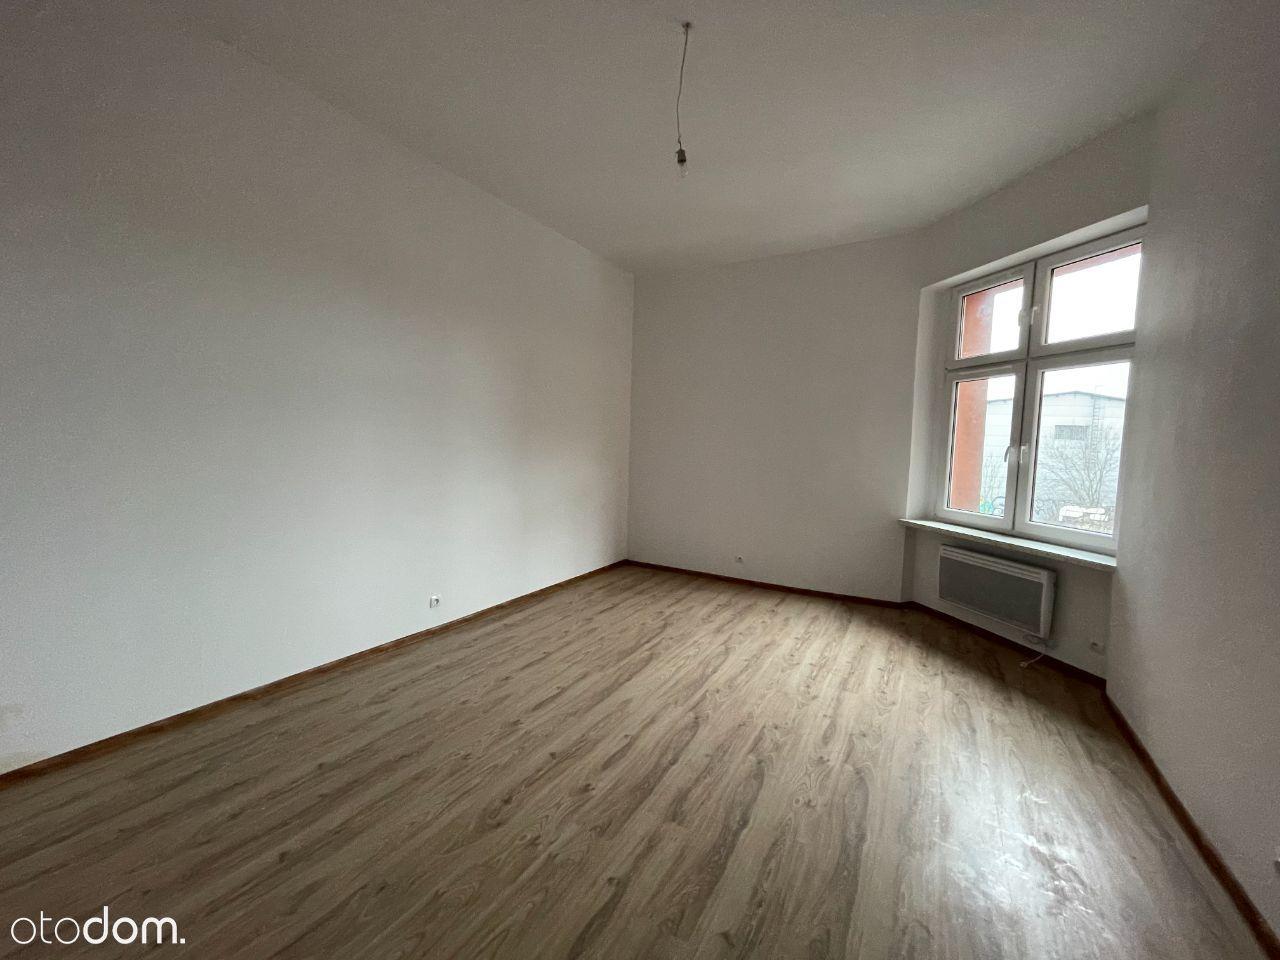 Nowa inwestycja! Mieszkanie 36m2 centrum Katowic